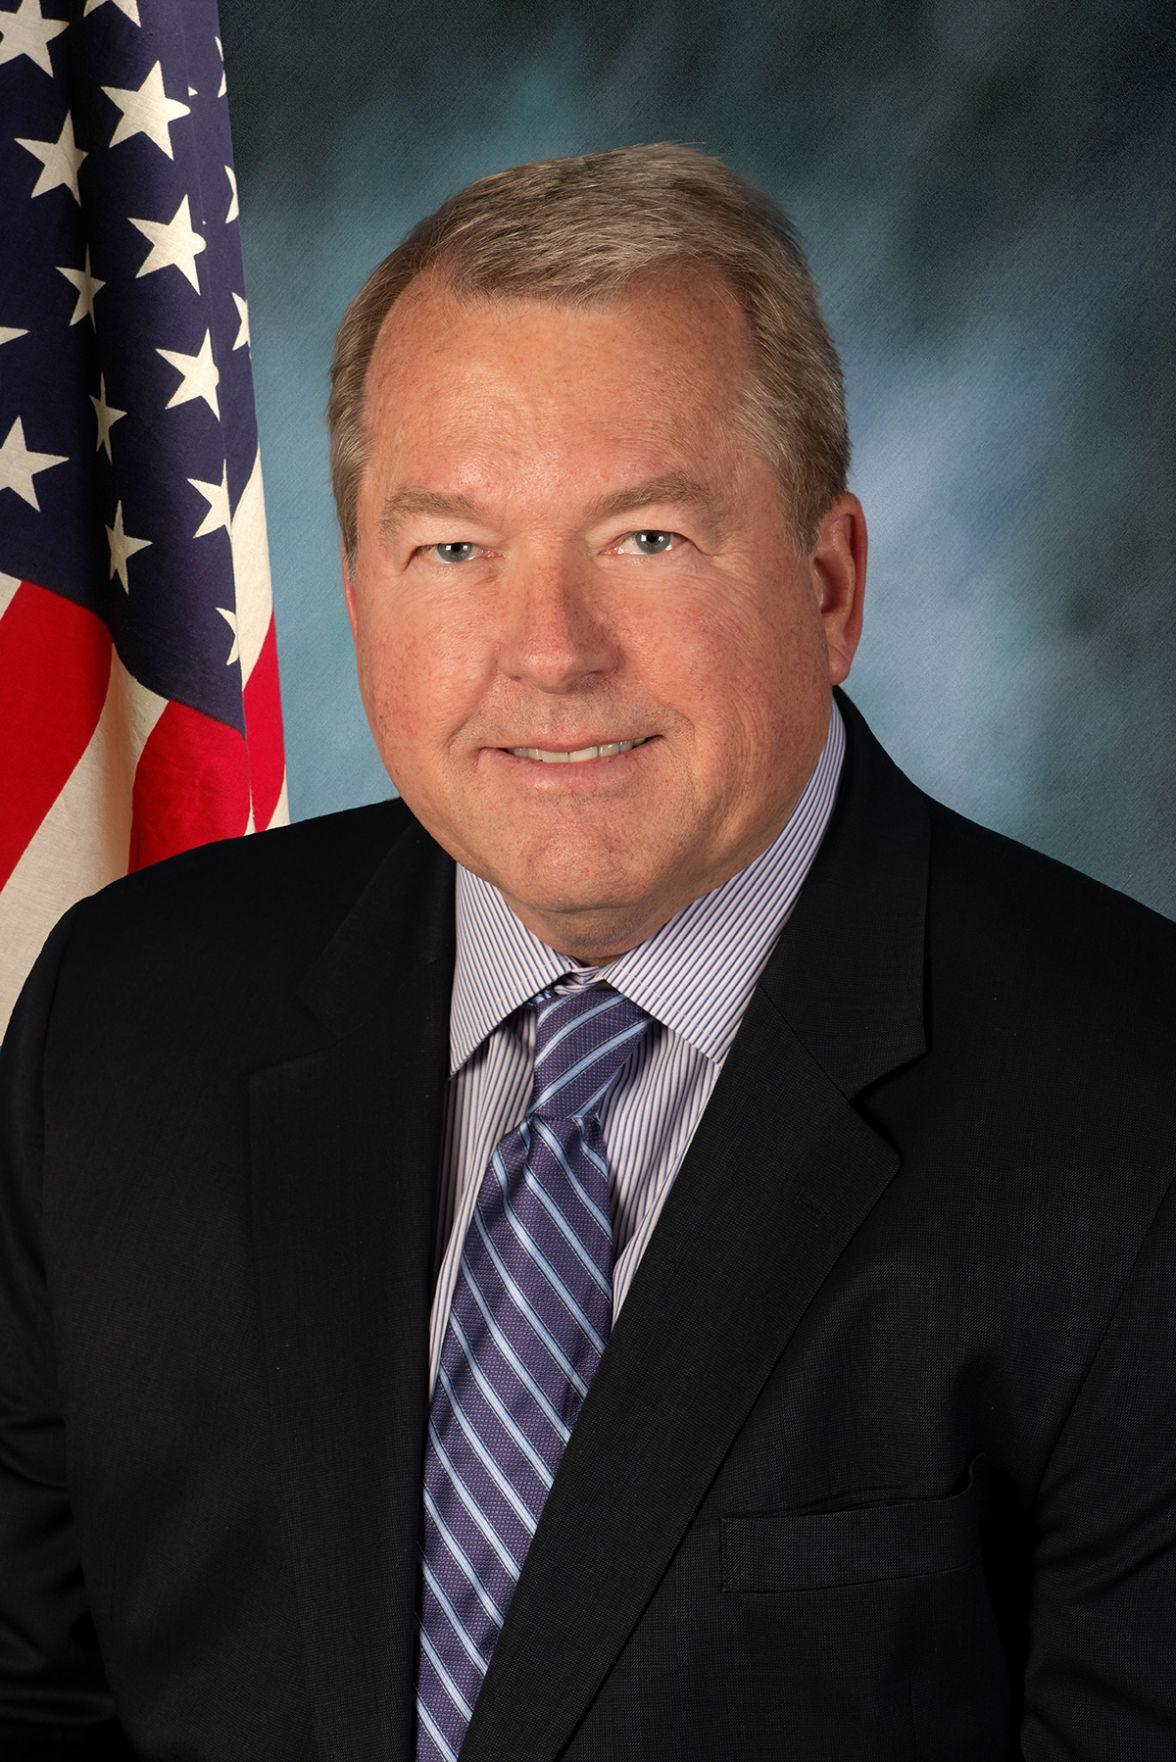 Sen. Don DeWitte, R-St. Charles